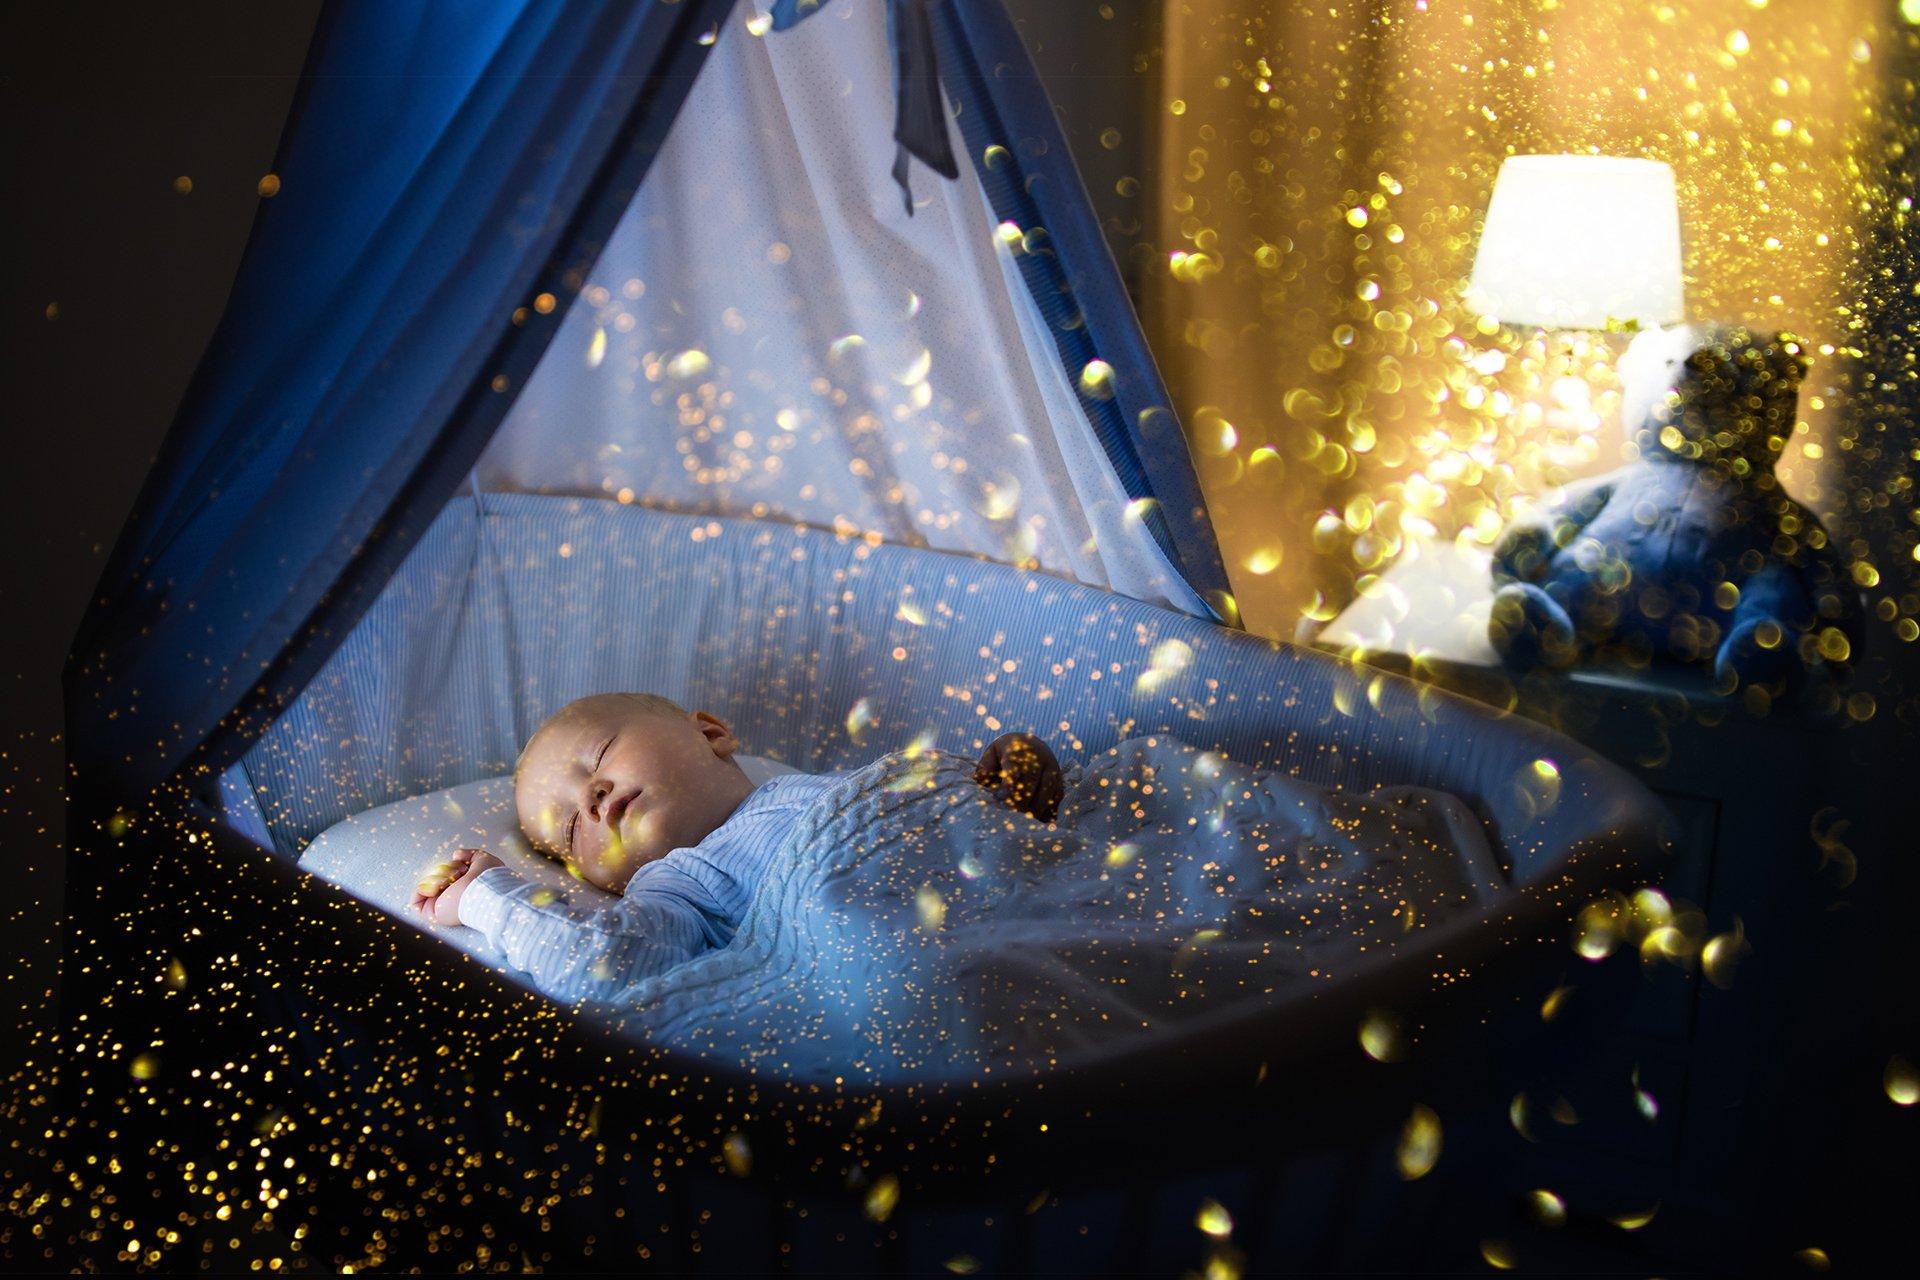 33款高清吹闪光照片叠加层JPG图片素材29 Blowing Glitter Photo Overlays插图(4)